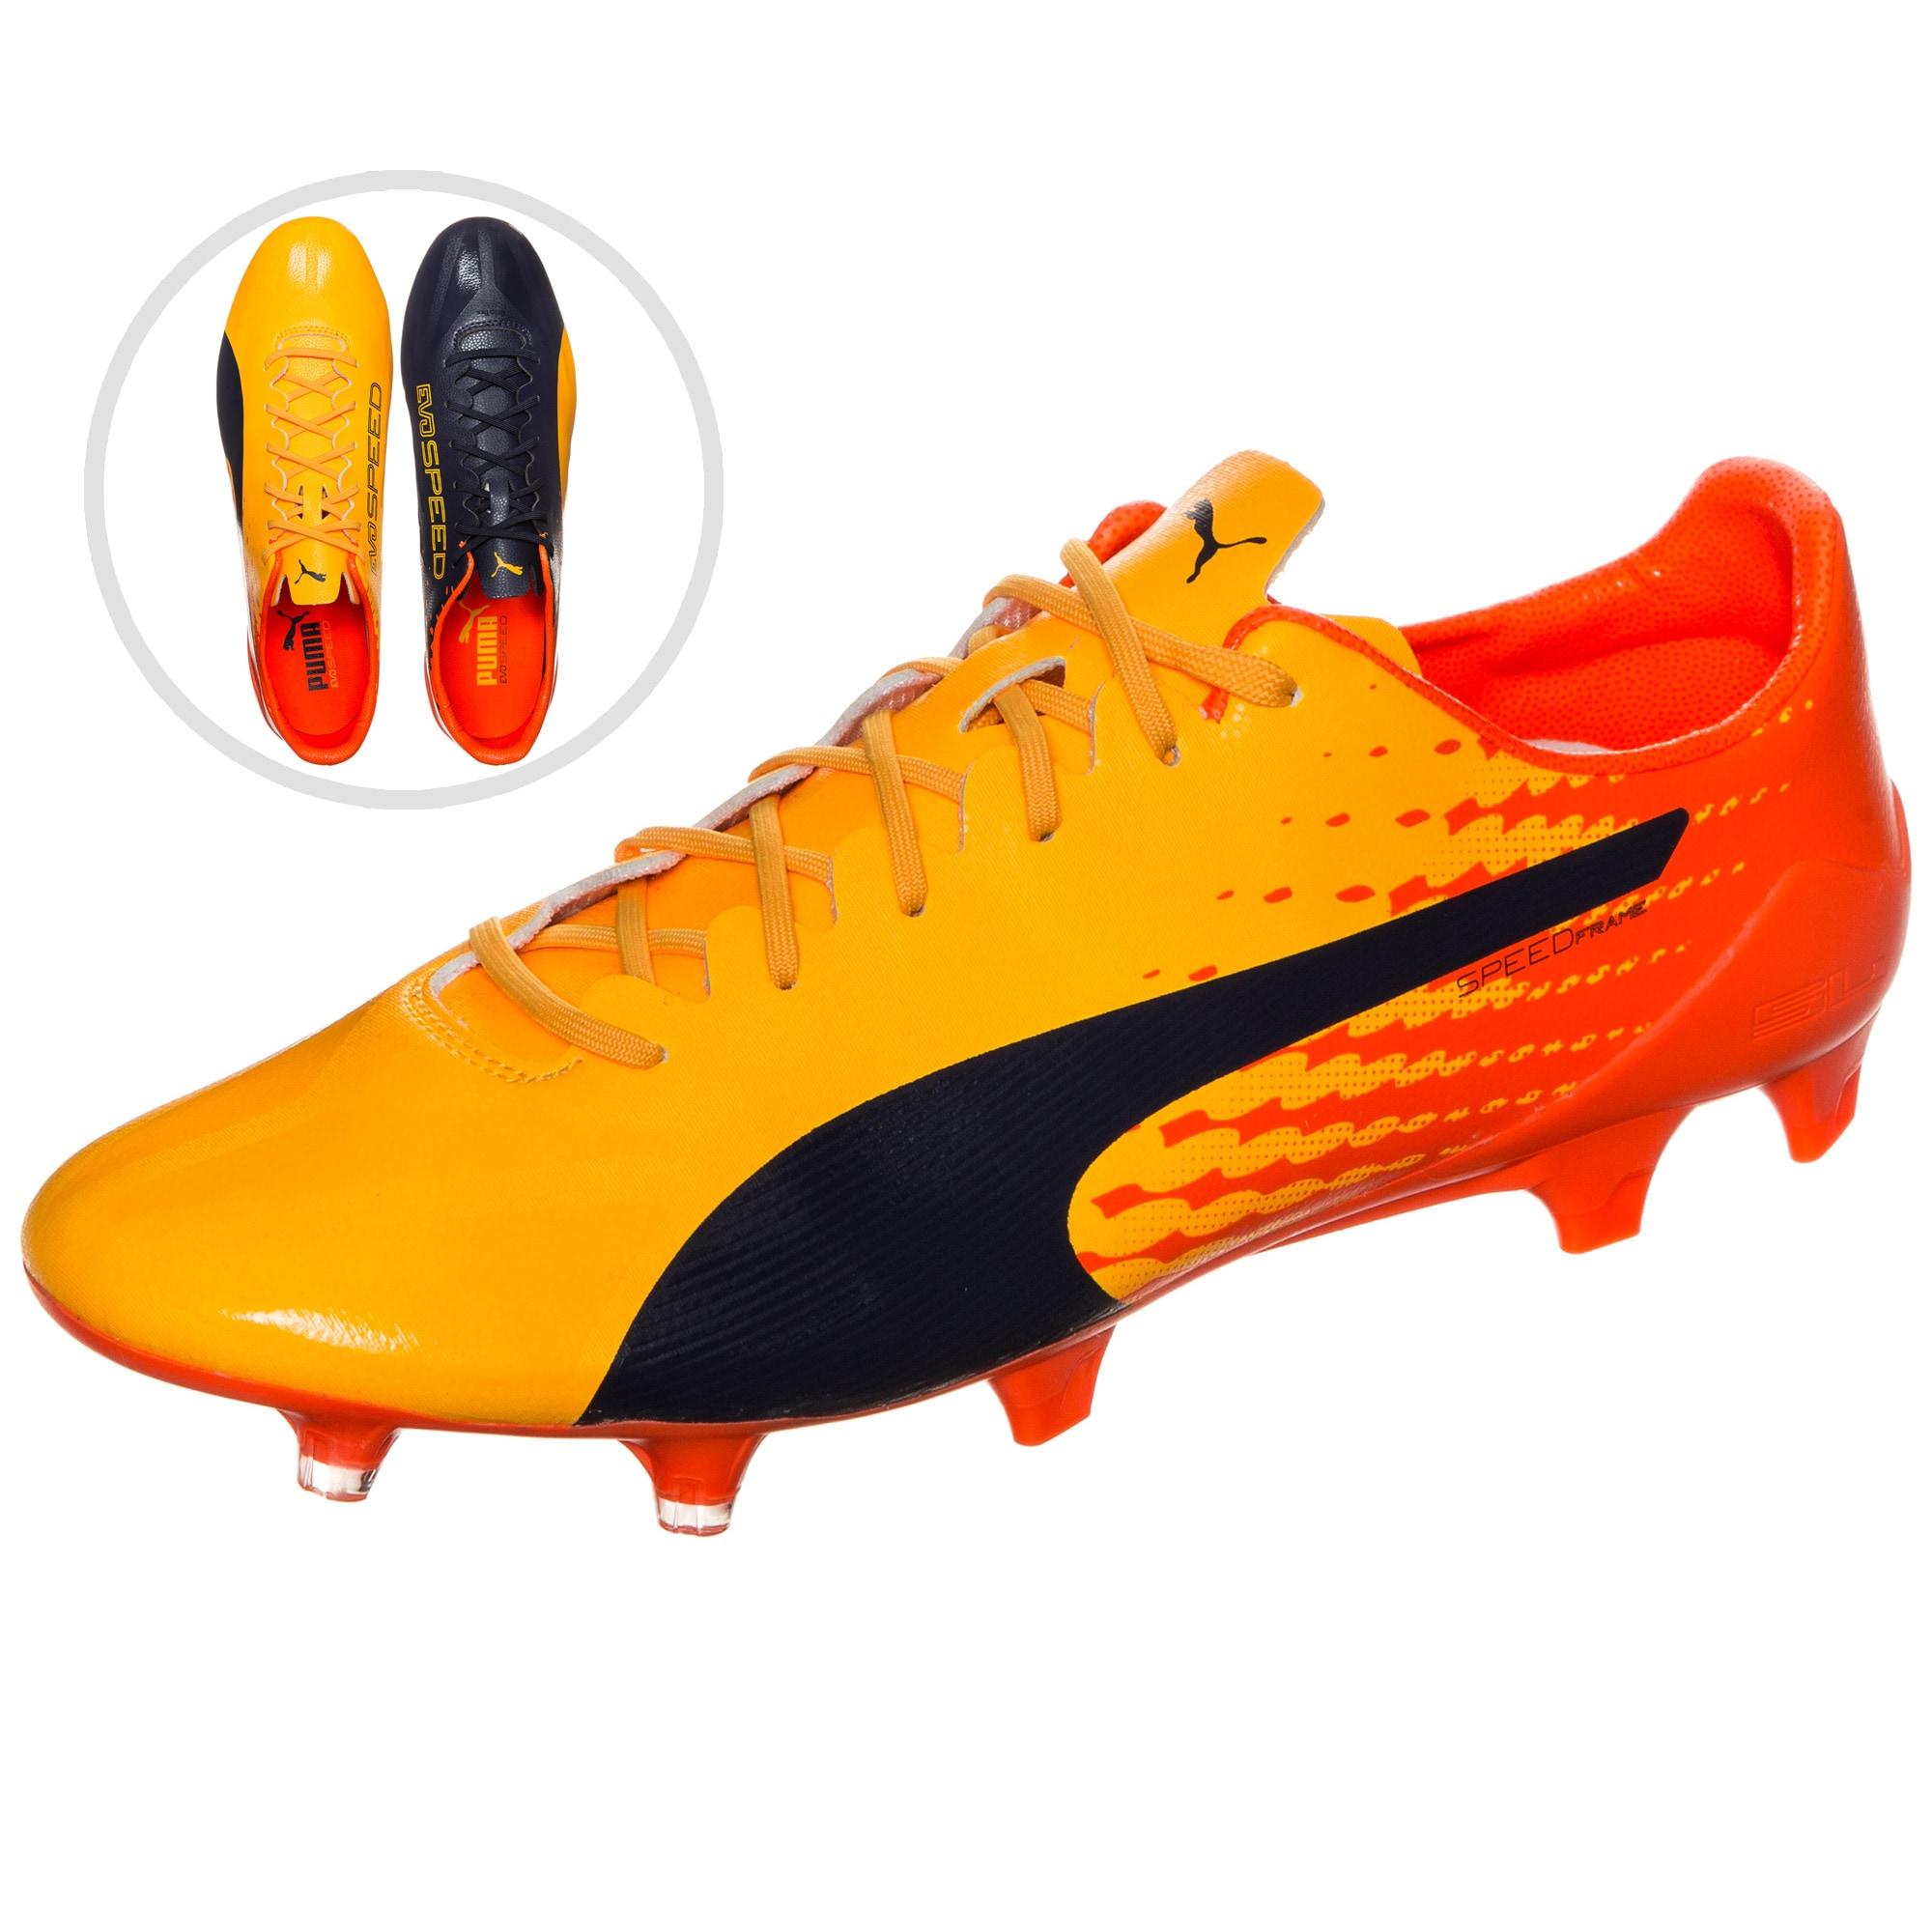 Fußballschuh Herren 'evoSPEED 17 SL S FG' | Schuhe > Sportschuhe > Fußballschuhe | Puma